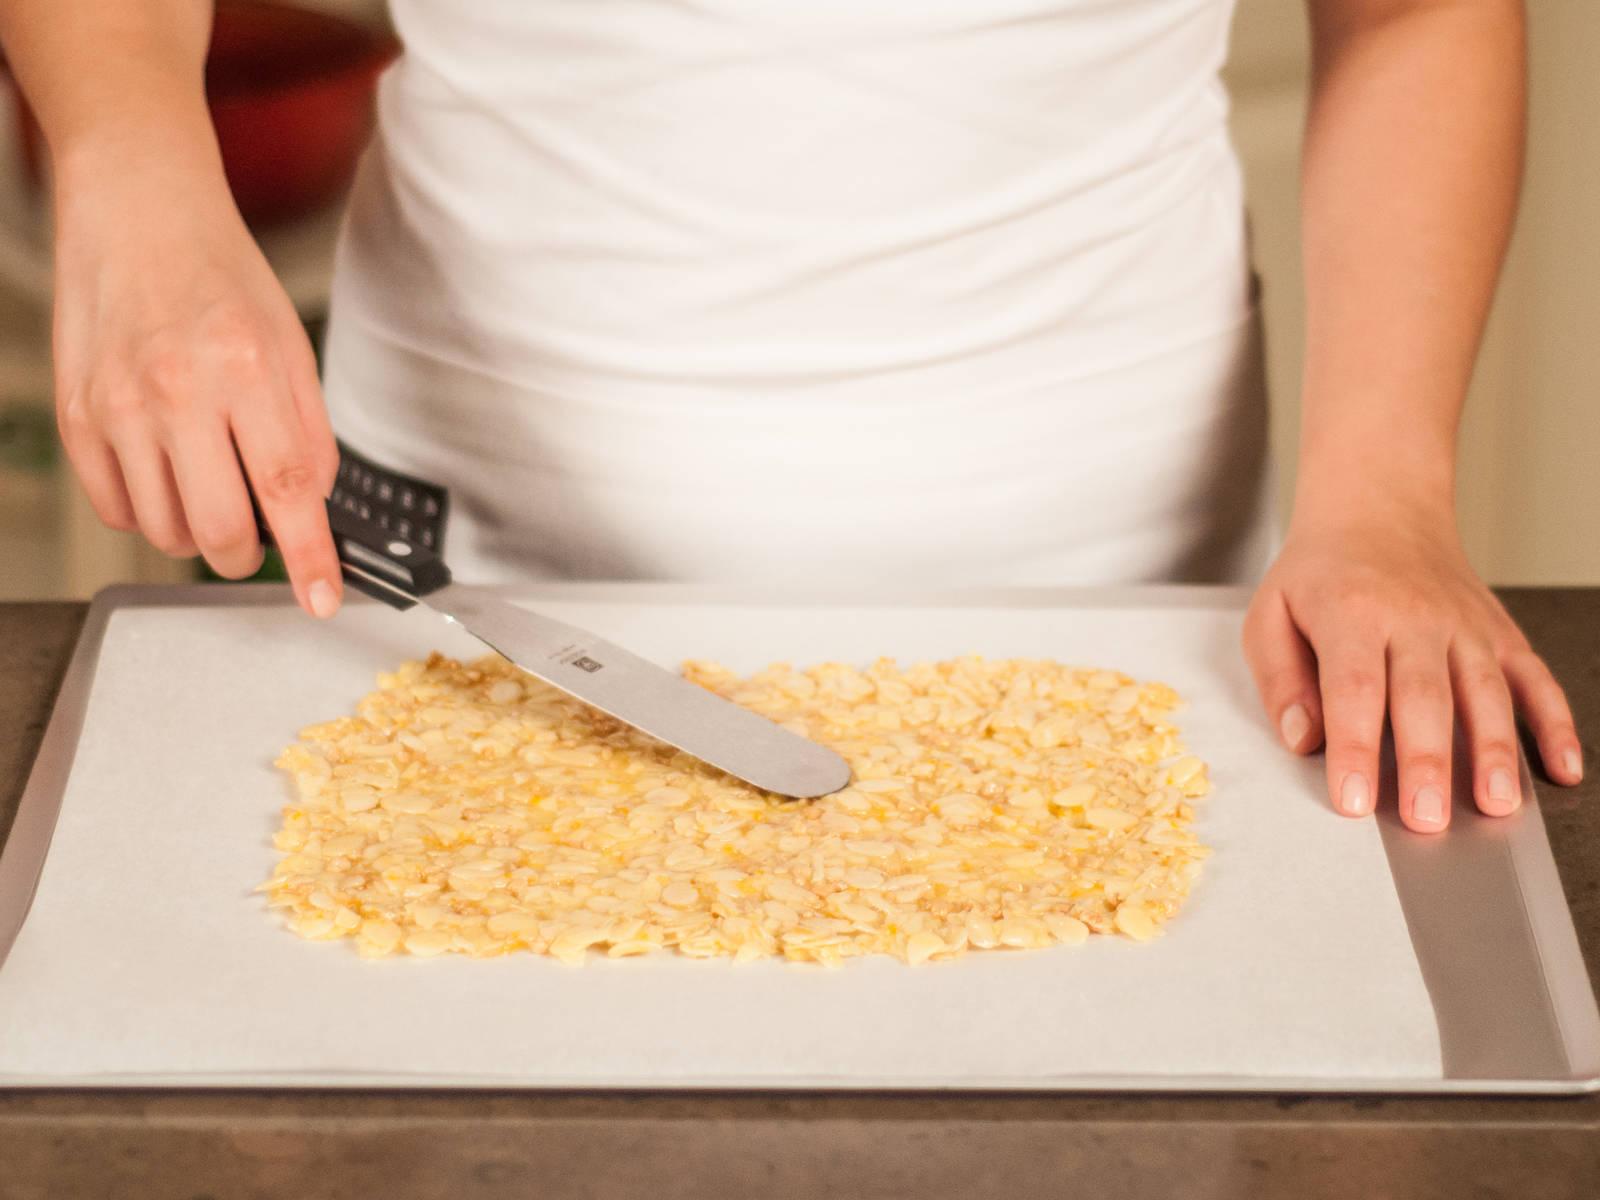 在烤盘中铺好烘培纸。用锅铲将混合物平铺成一个薄薄的长方形。放入烤箱,以 190°C/375°F 的温度烤 10 - 15 分钟。